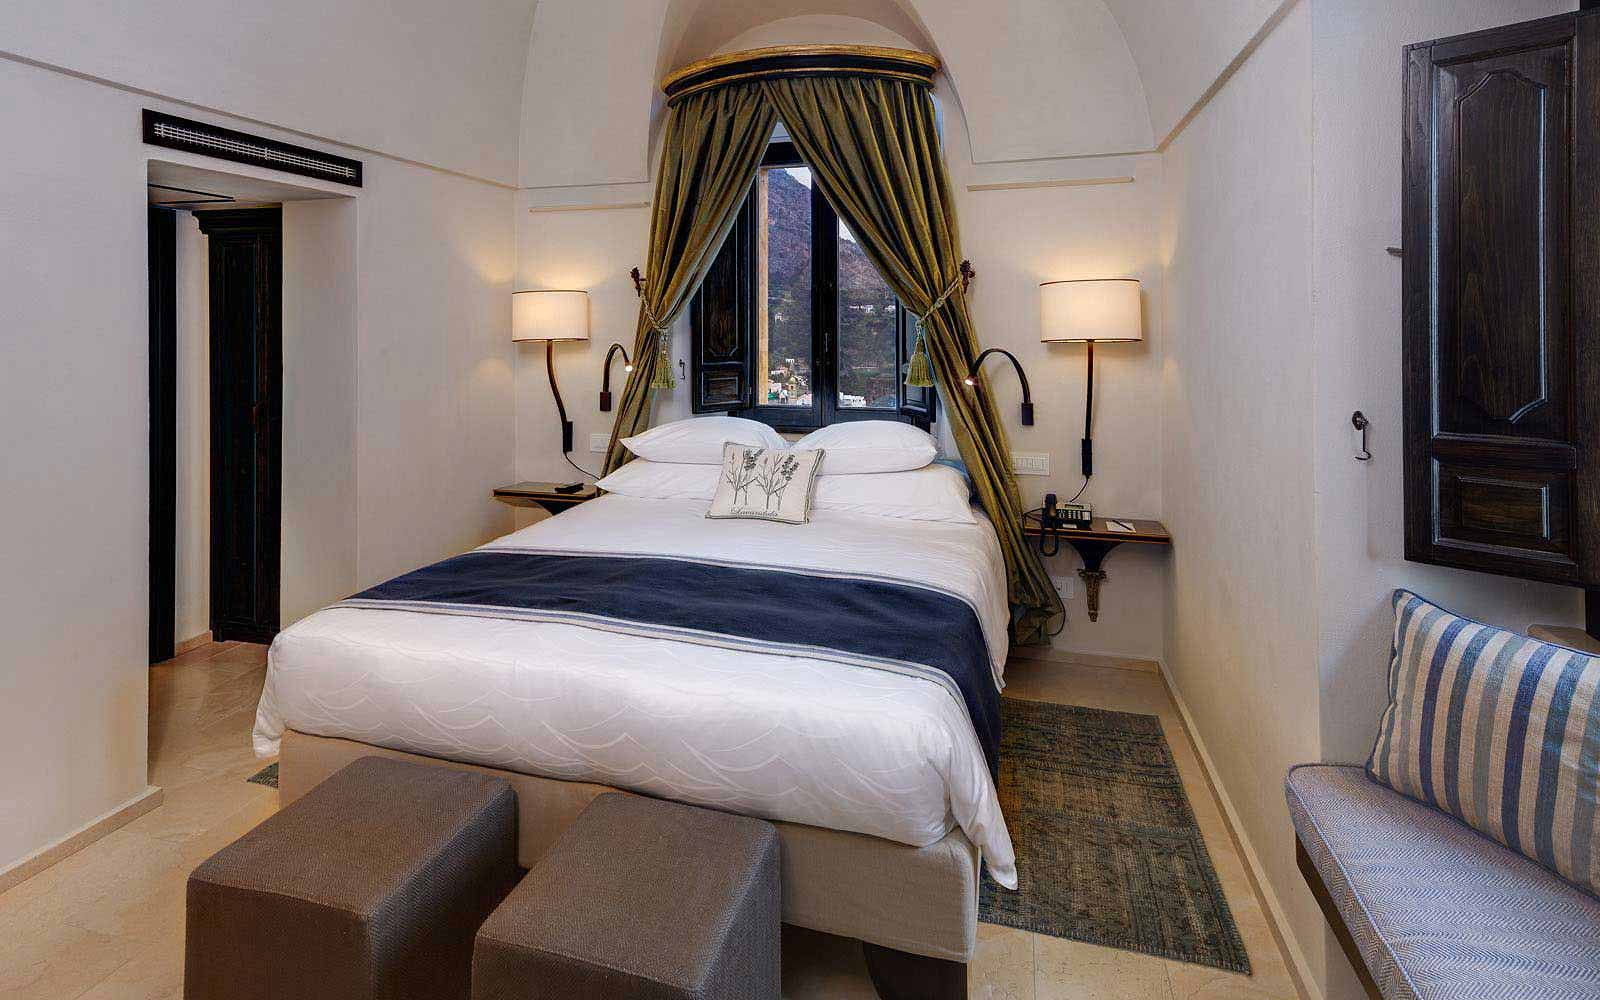 Superior suite at Monastero Santa Rosa